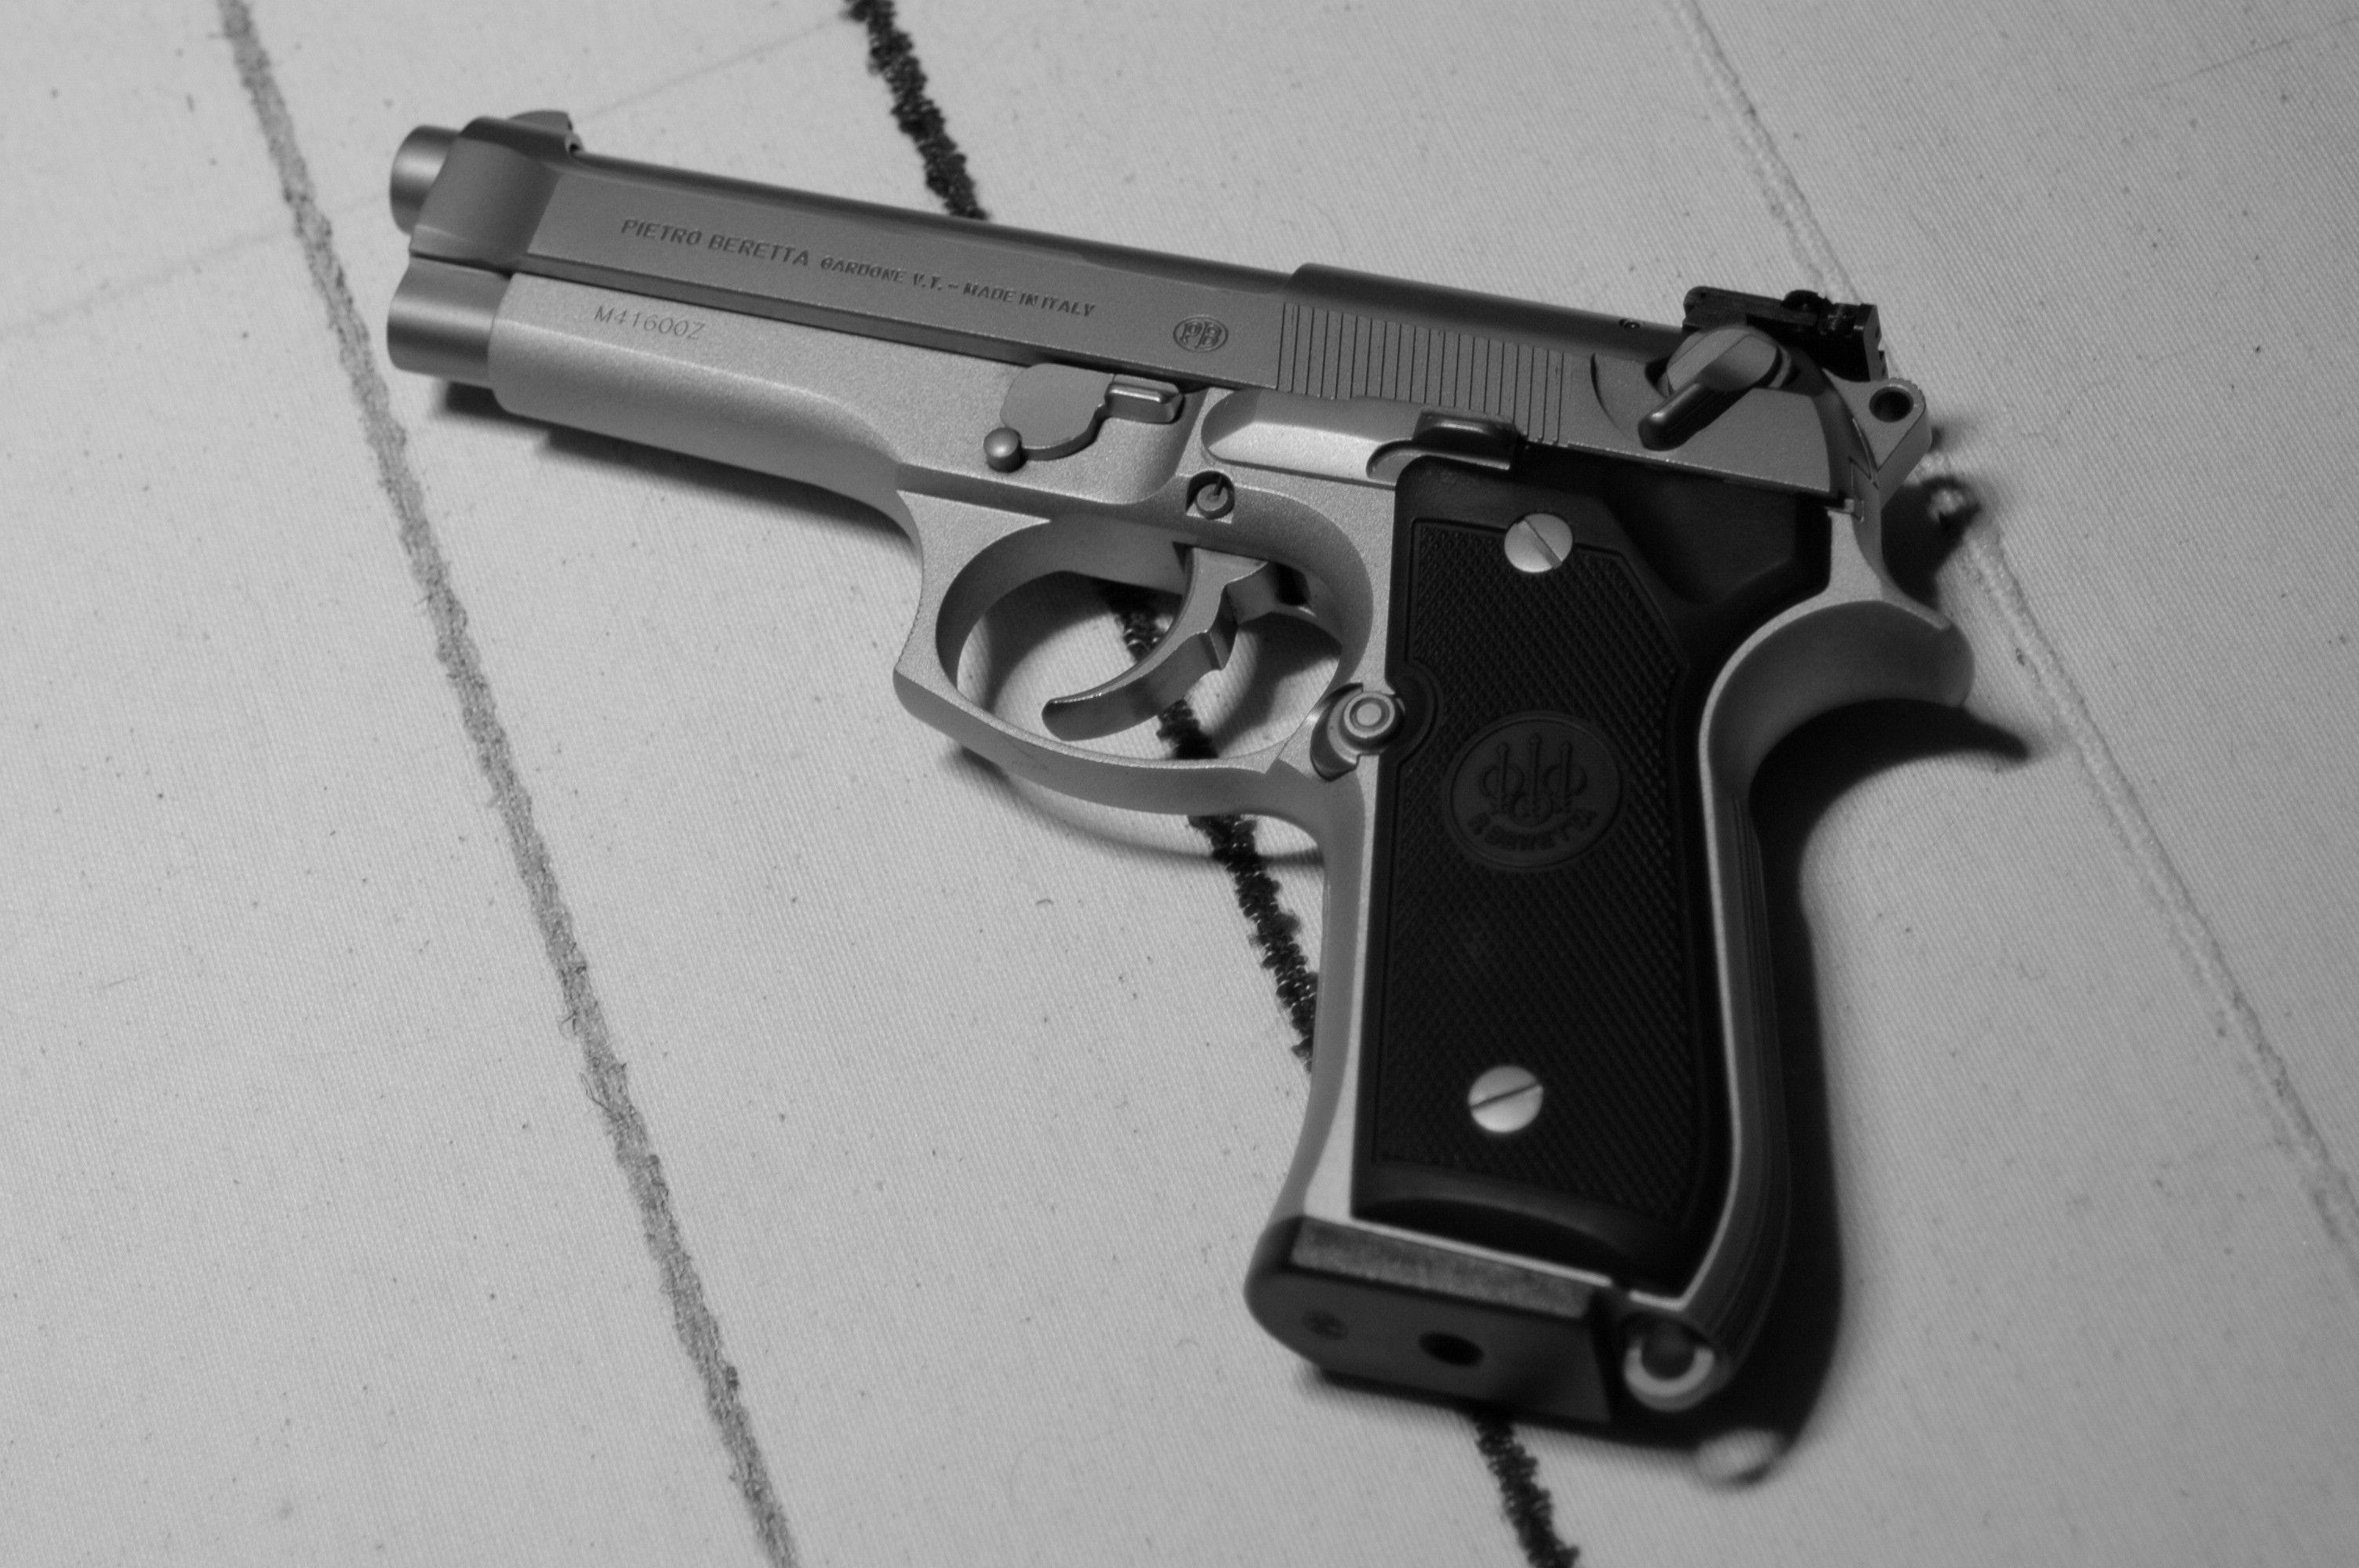 Beretta 92 9mm